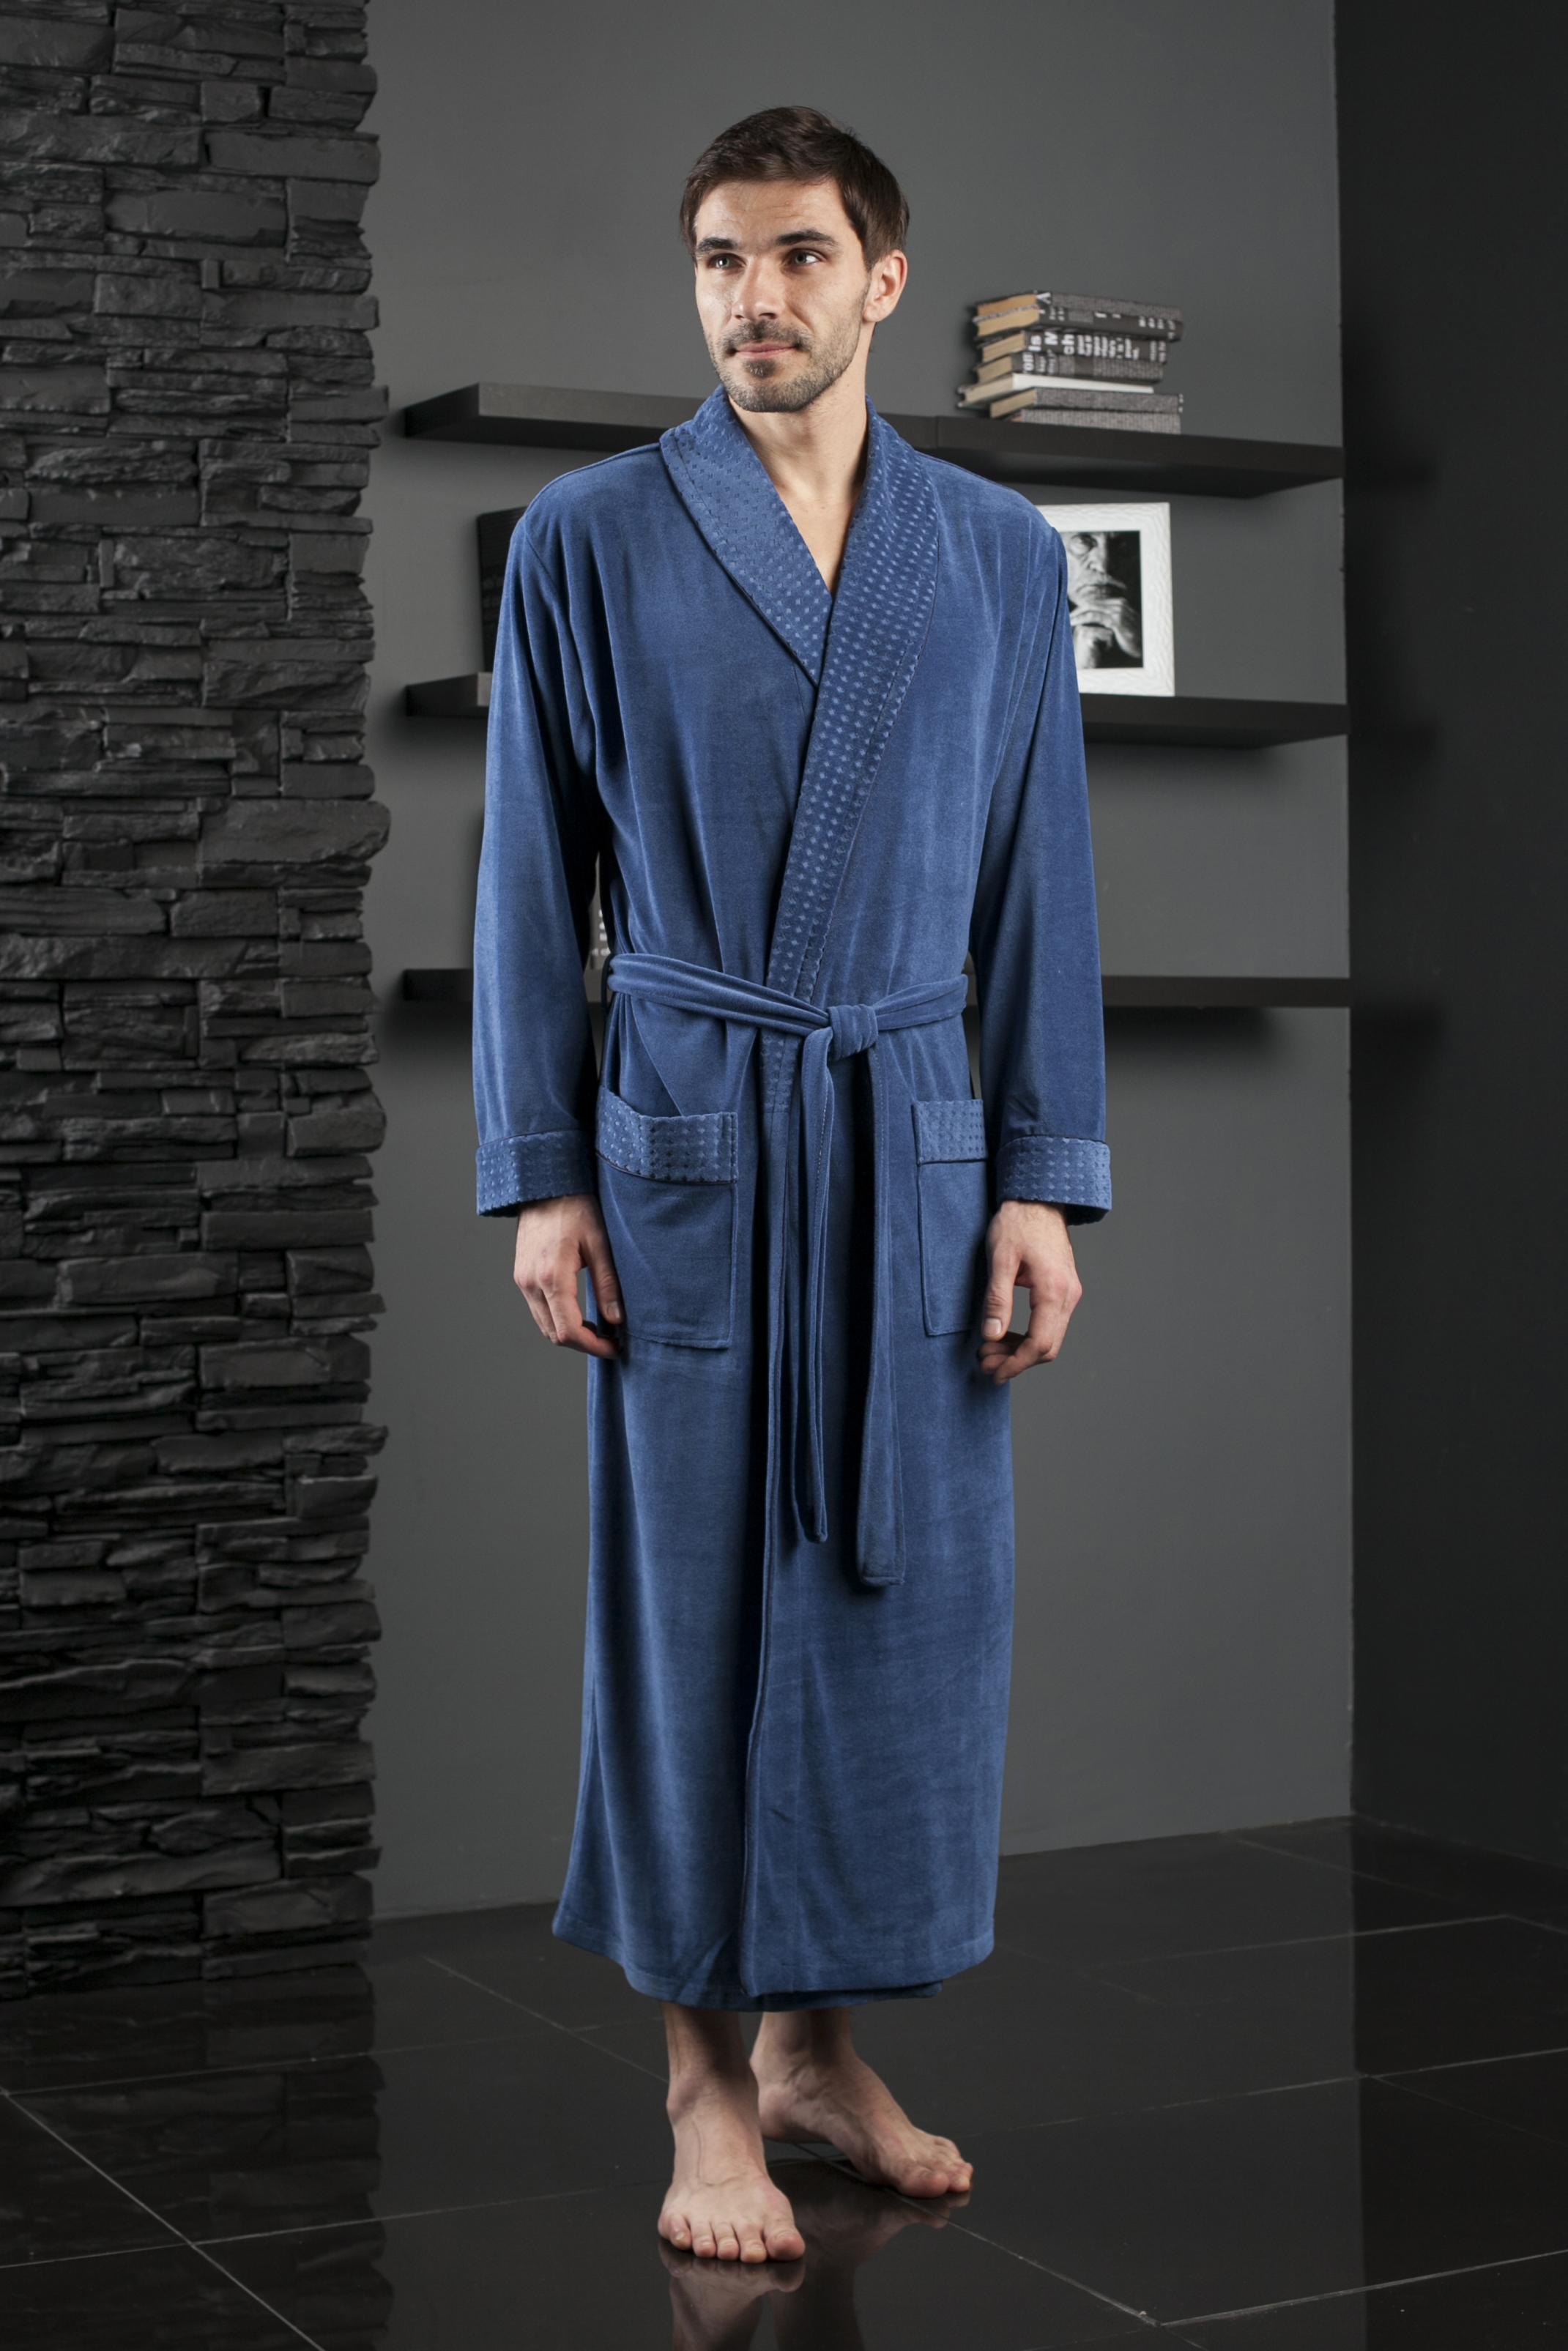 450Солидный длинный мужской халат с шалькой. Облегченная модель в однотонном исполнении. Жаккардовая ткань по шальке,манжетам и карманам. Декоративная отделка кантом в тон.